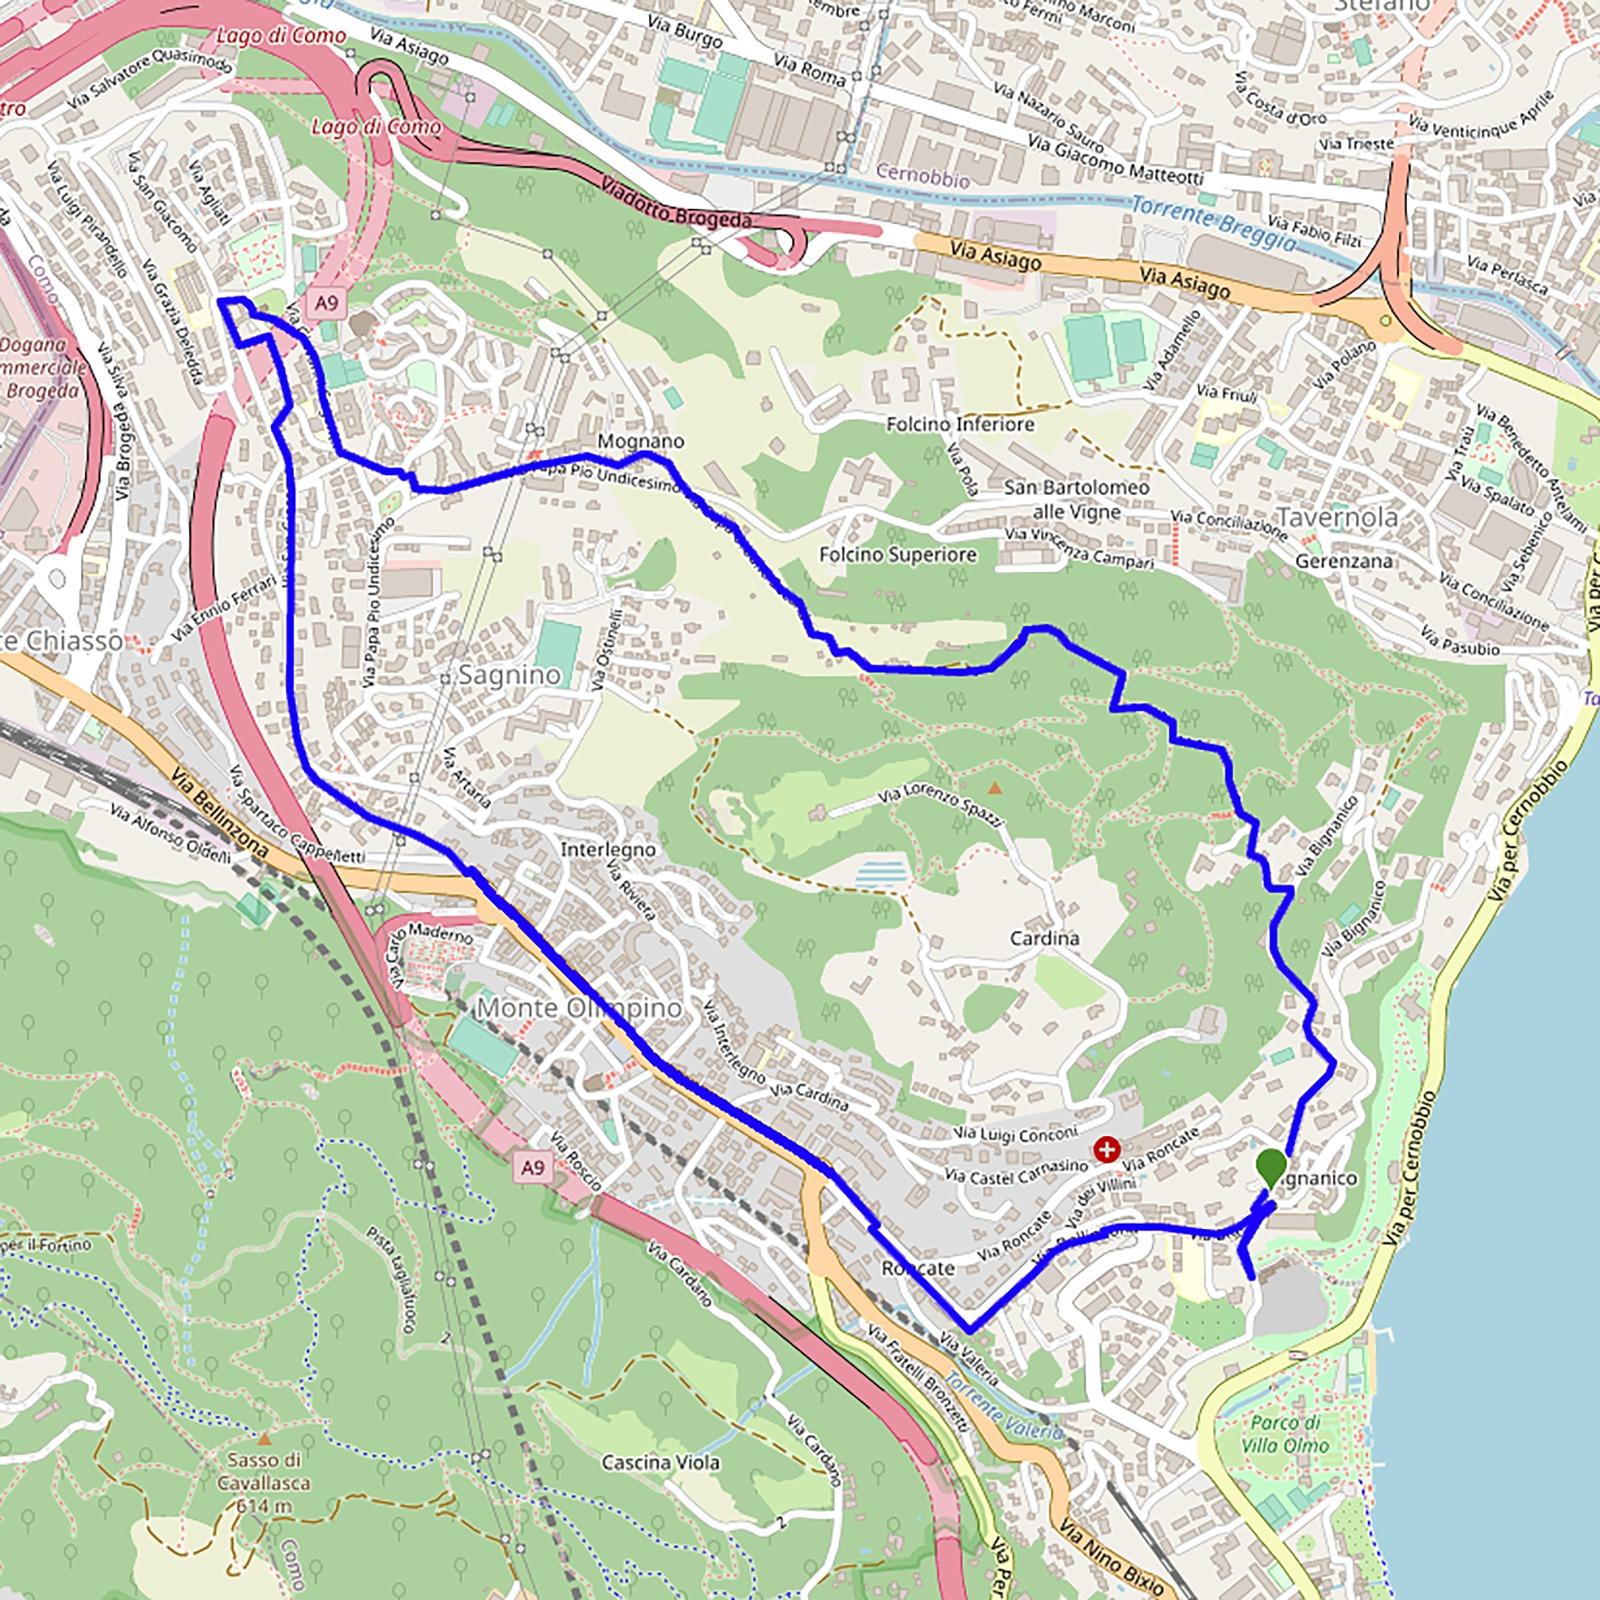 mappa 24 luglio